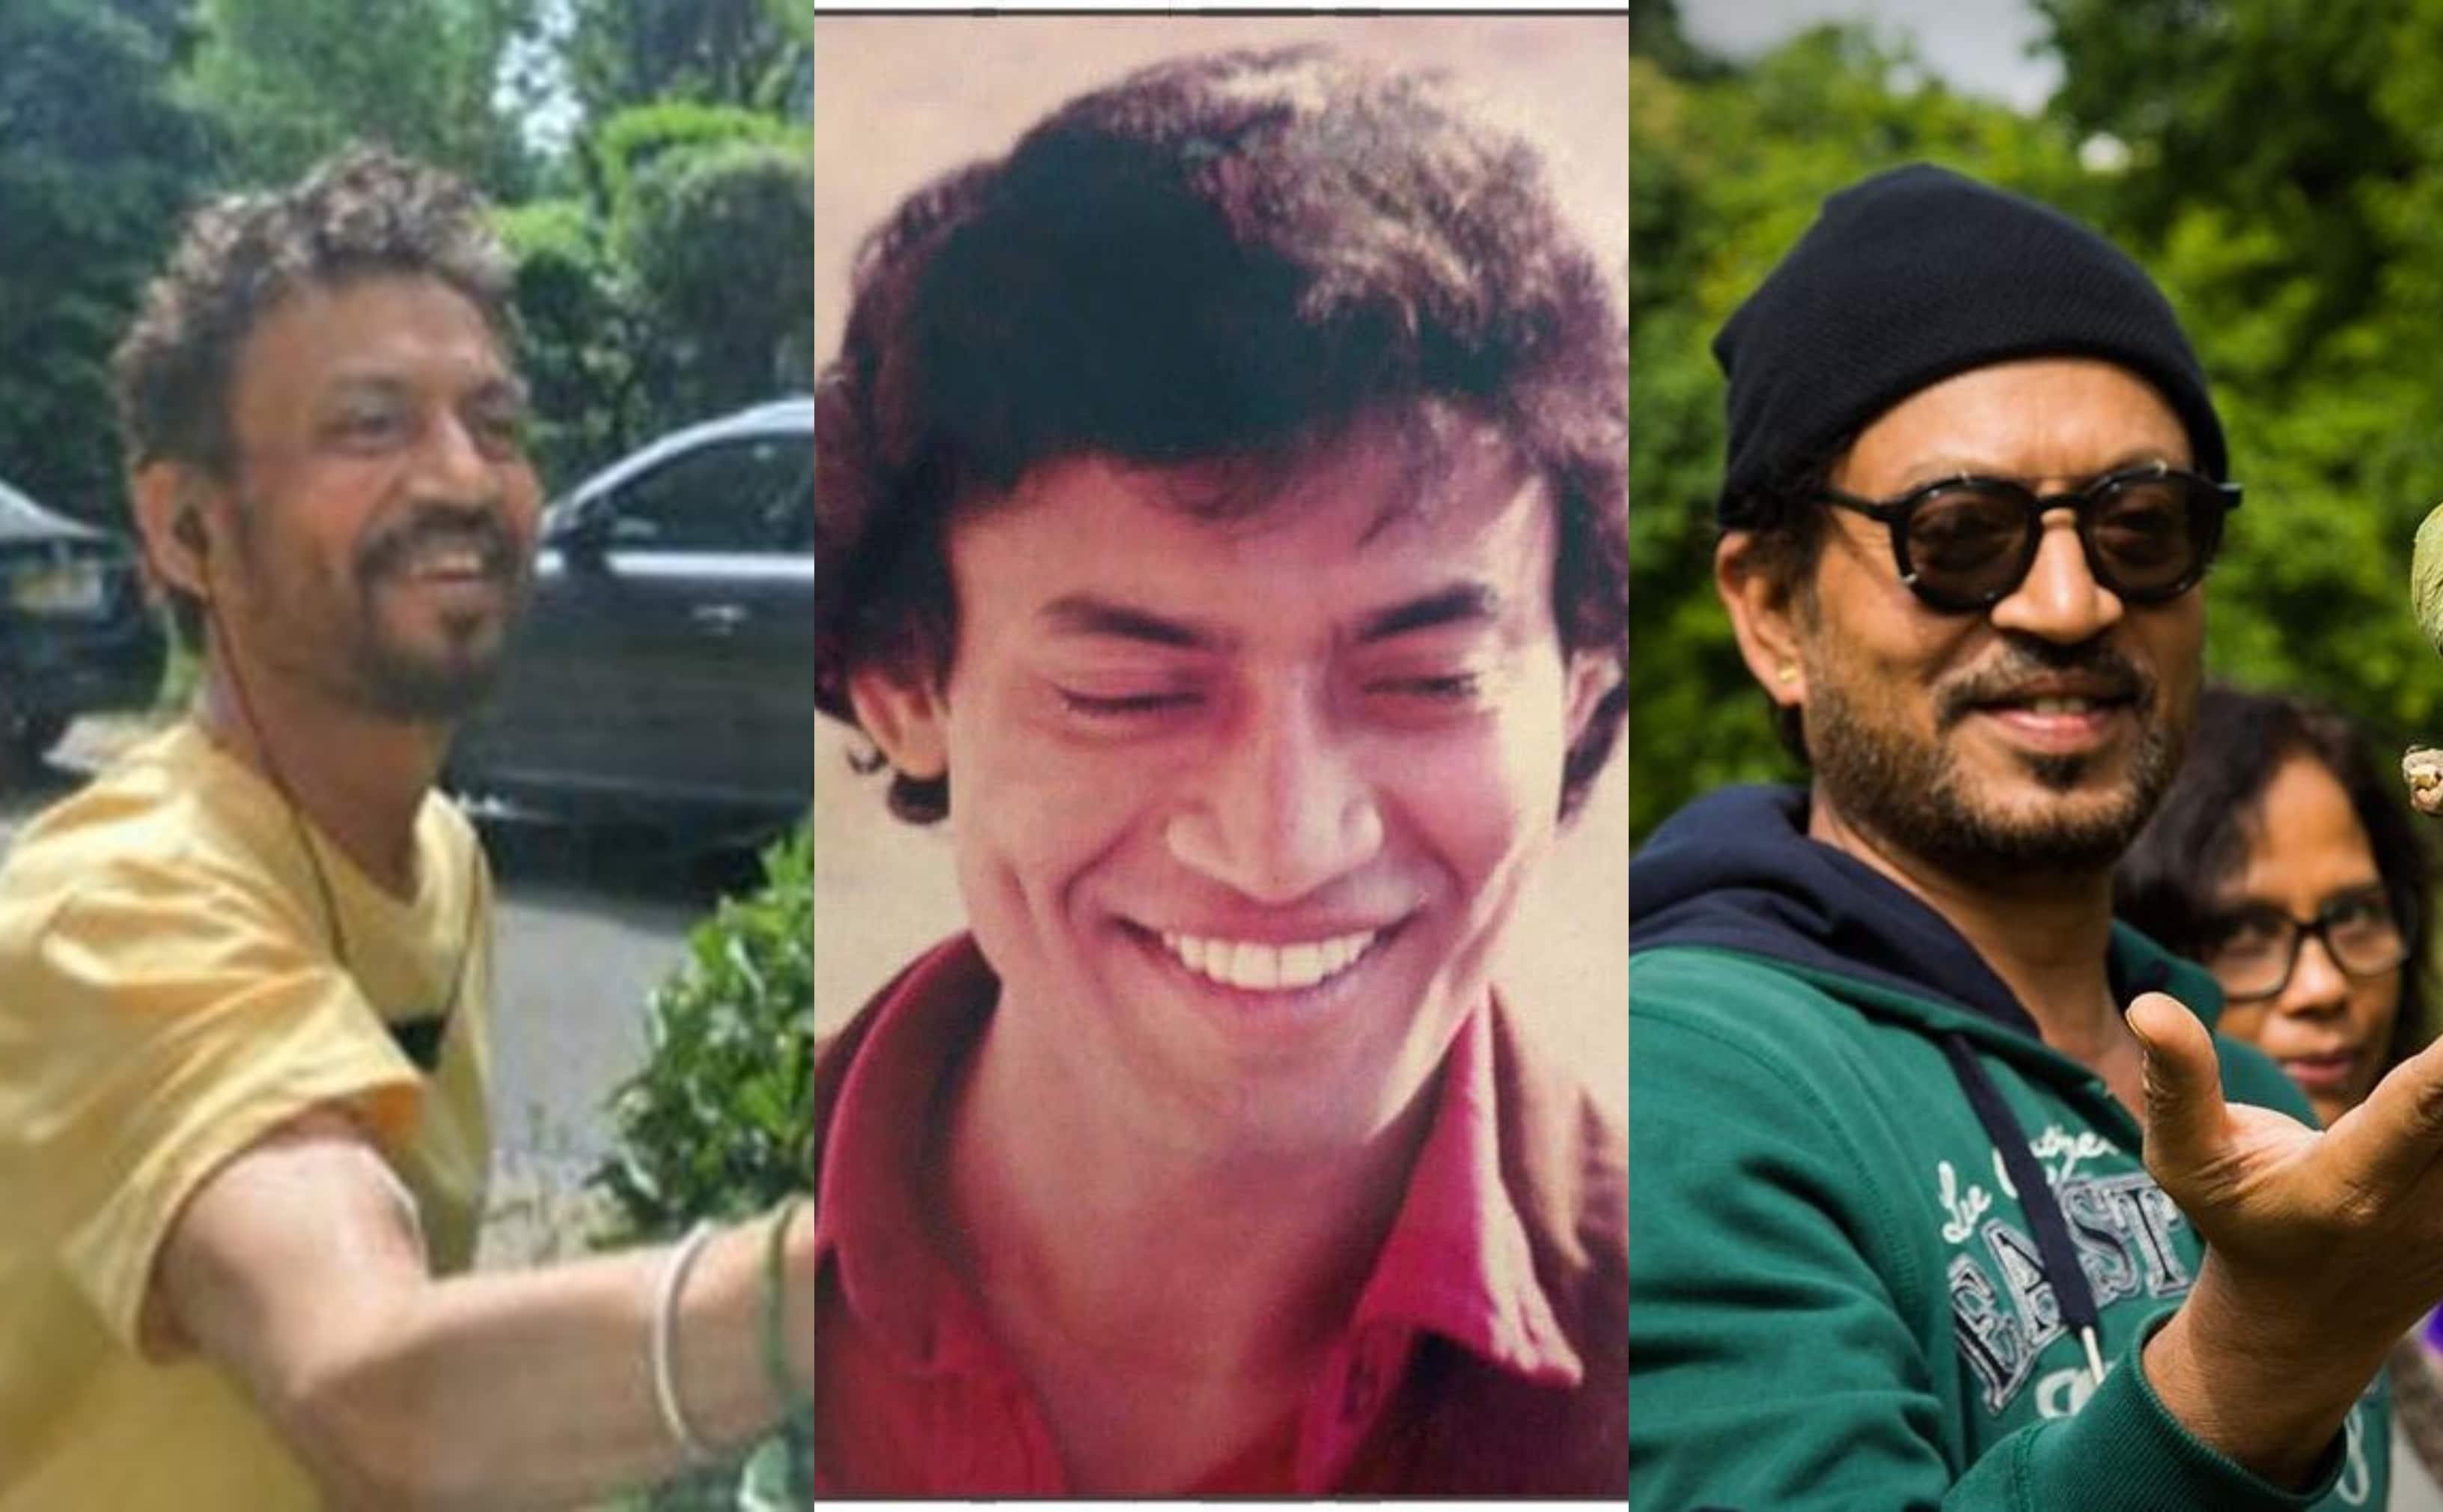 इरफ़ान खान: बॉलीवुड के सबसे शानदार एक्टर की जिंदगी जैसे अब इन तस्वीरों में समां गई